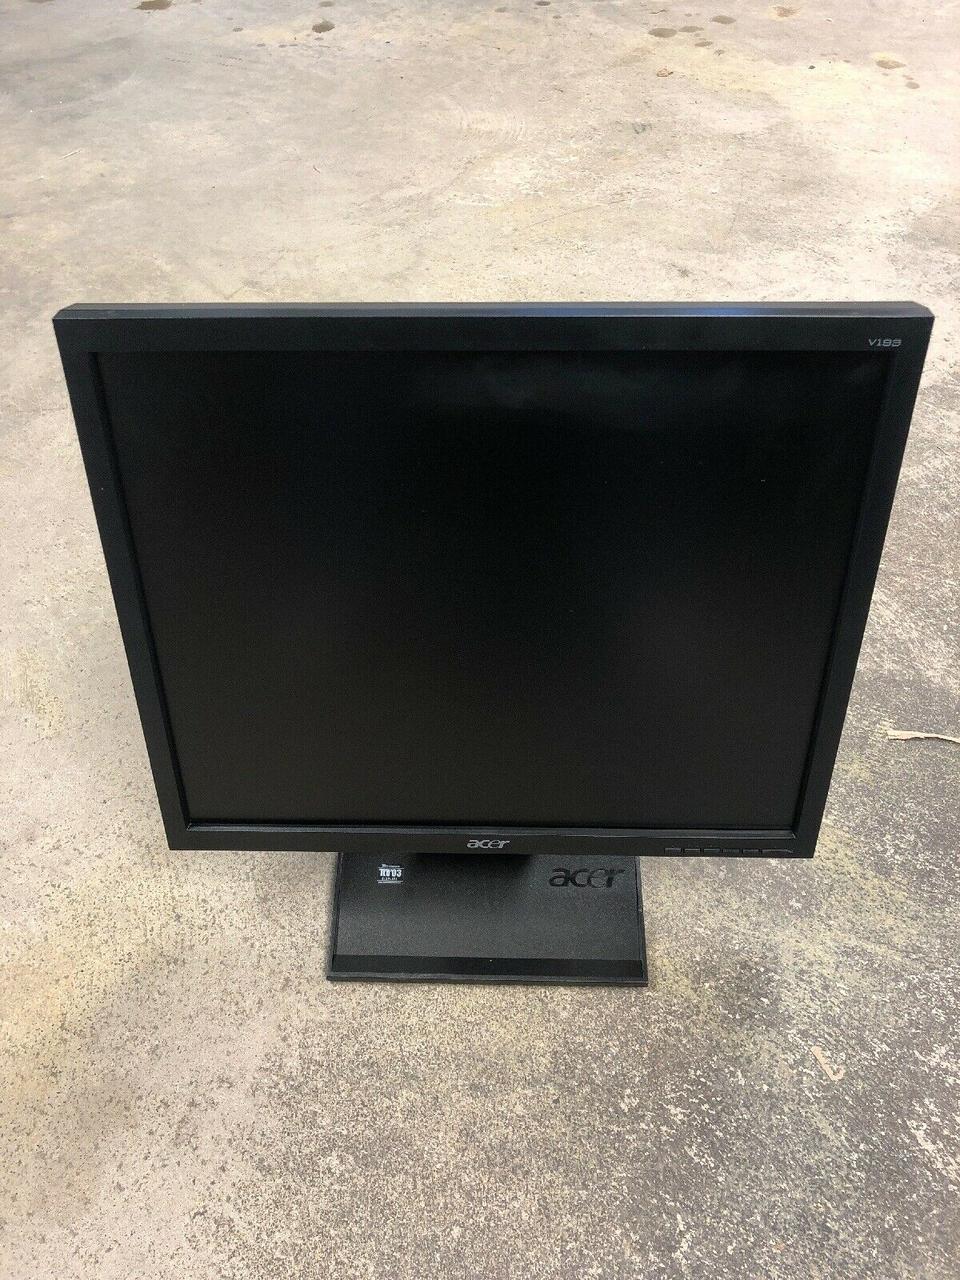 Монитор, Acer V193, 19 дюймов